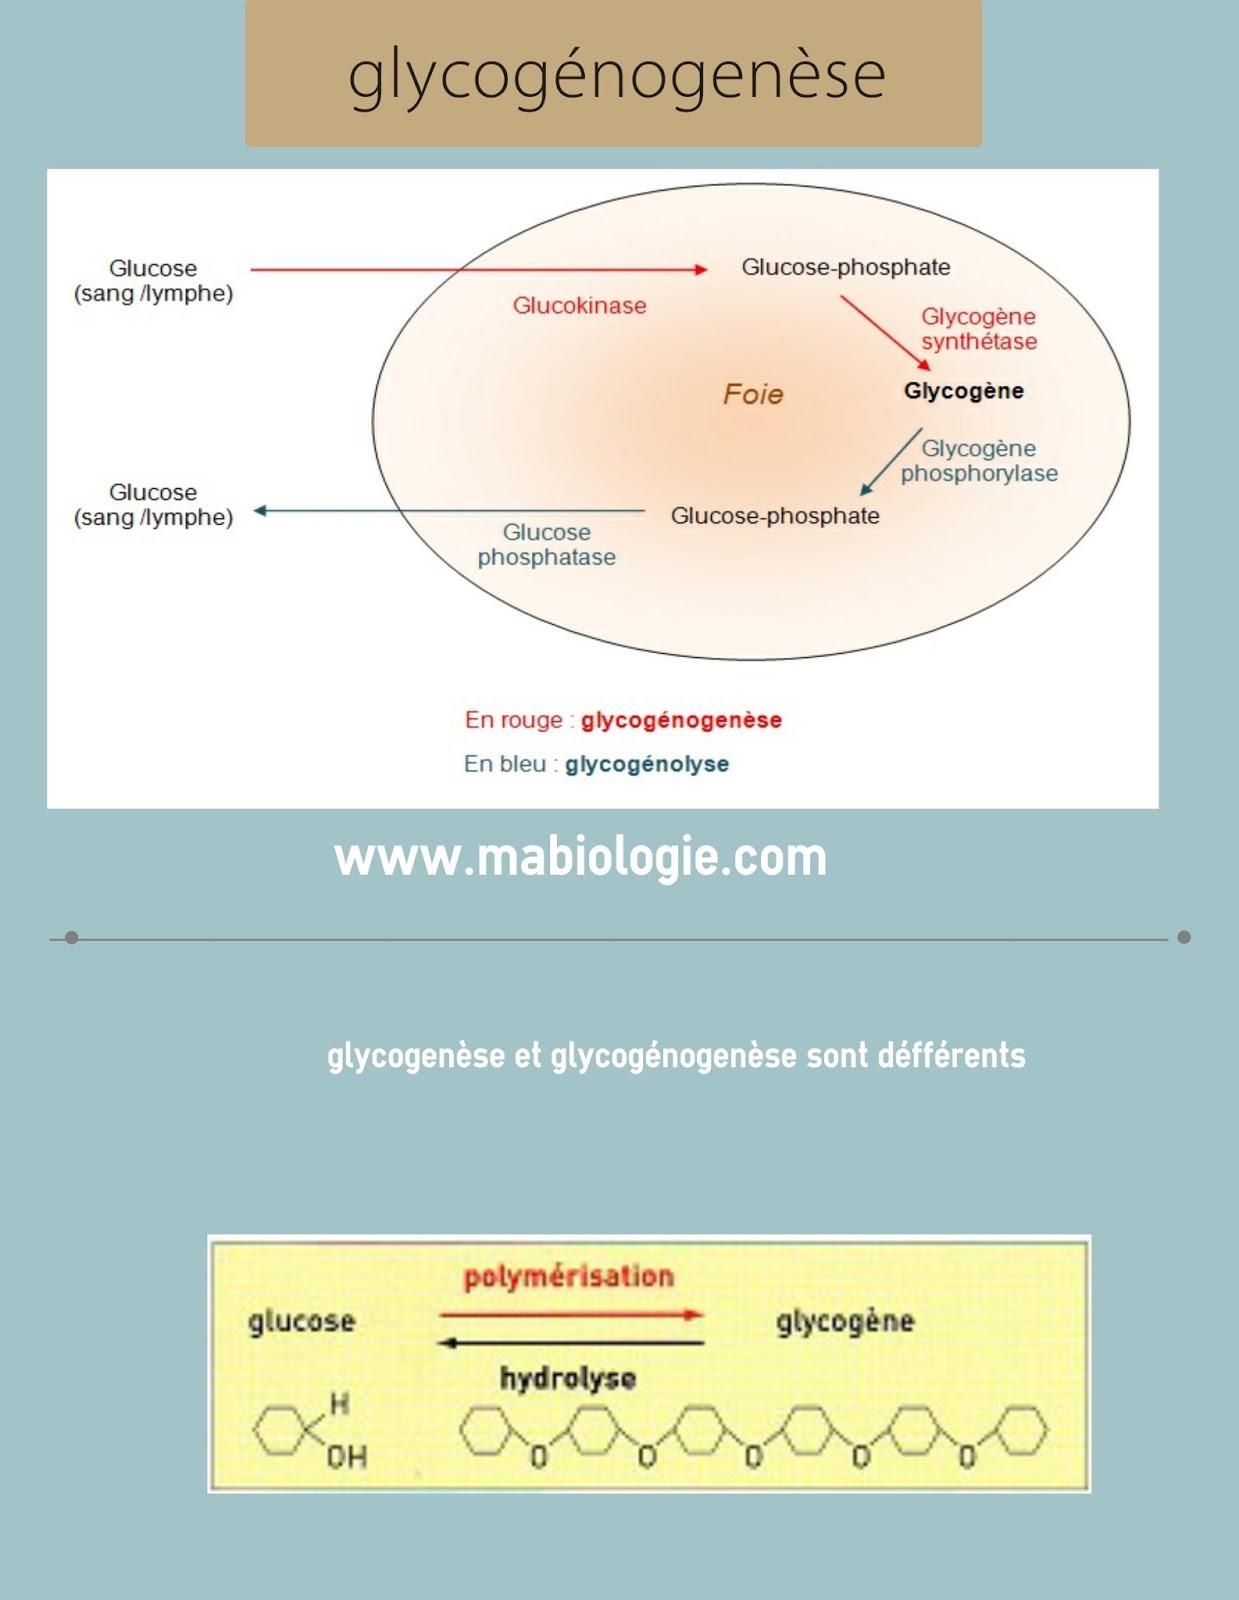 Définition glycogénogenèse